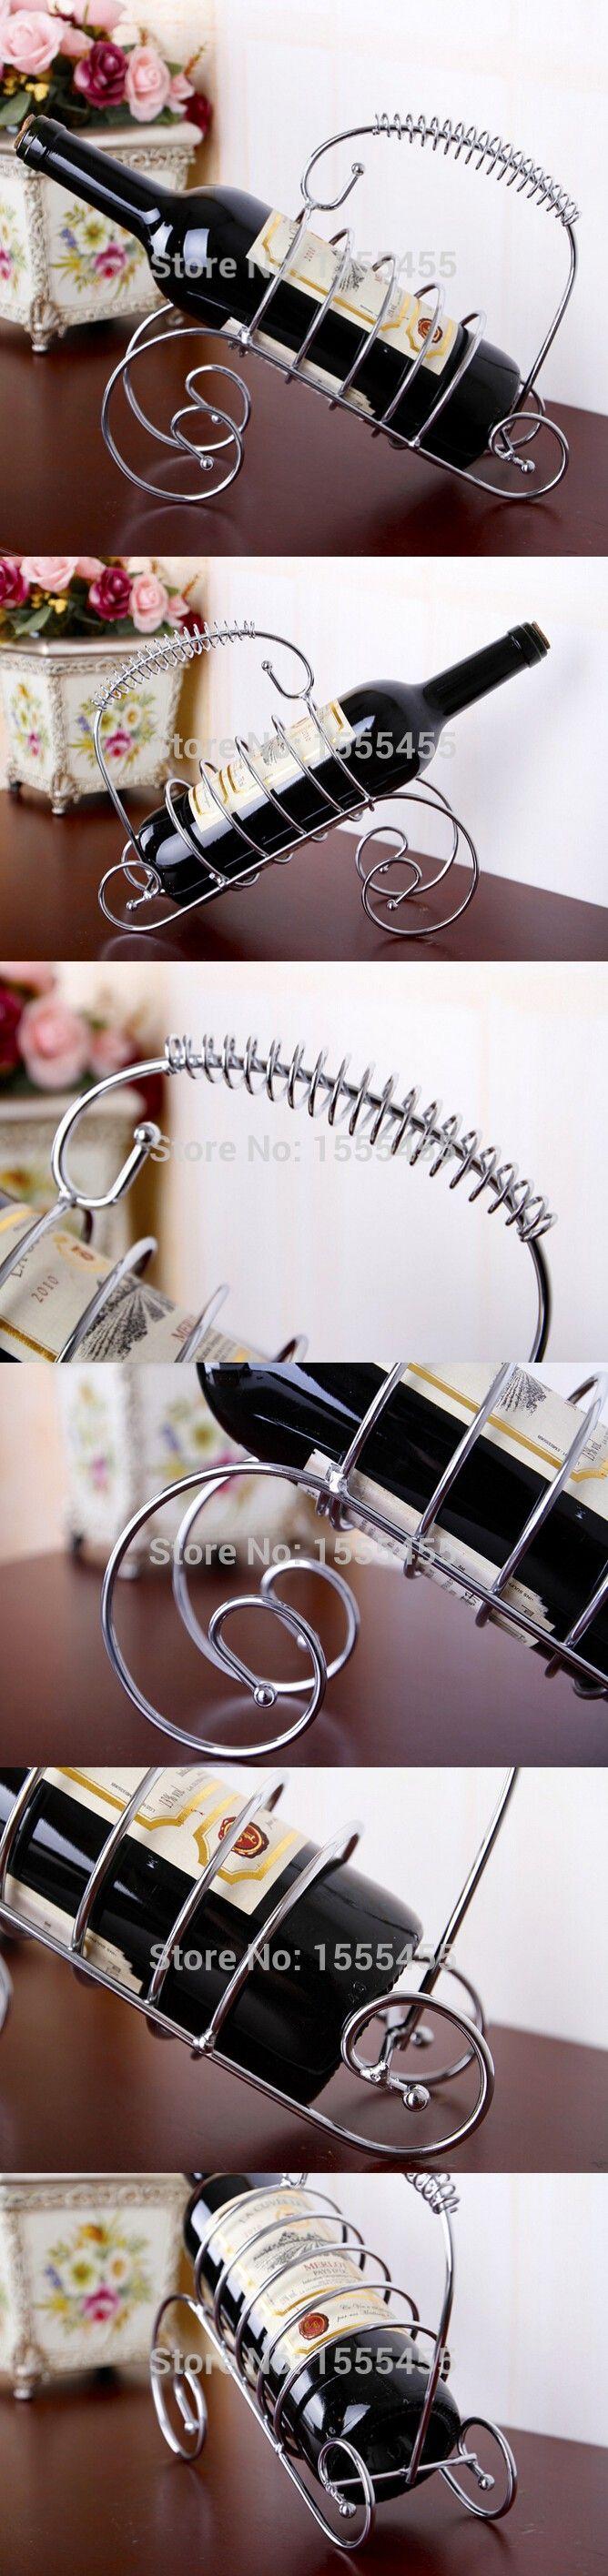 wine holders home decor wine rack European style minimalist lifestyle